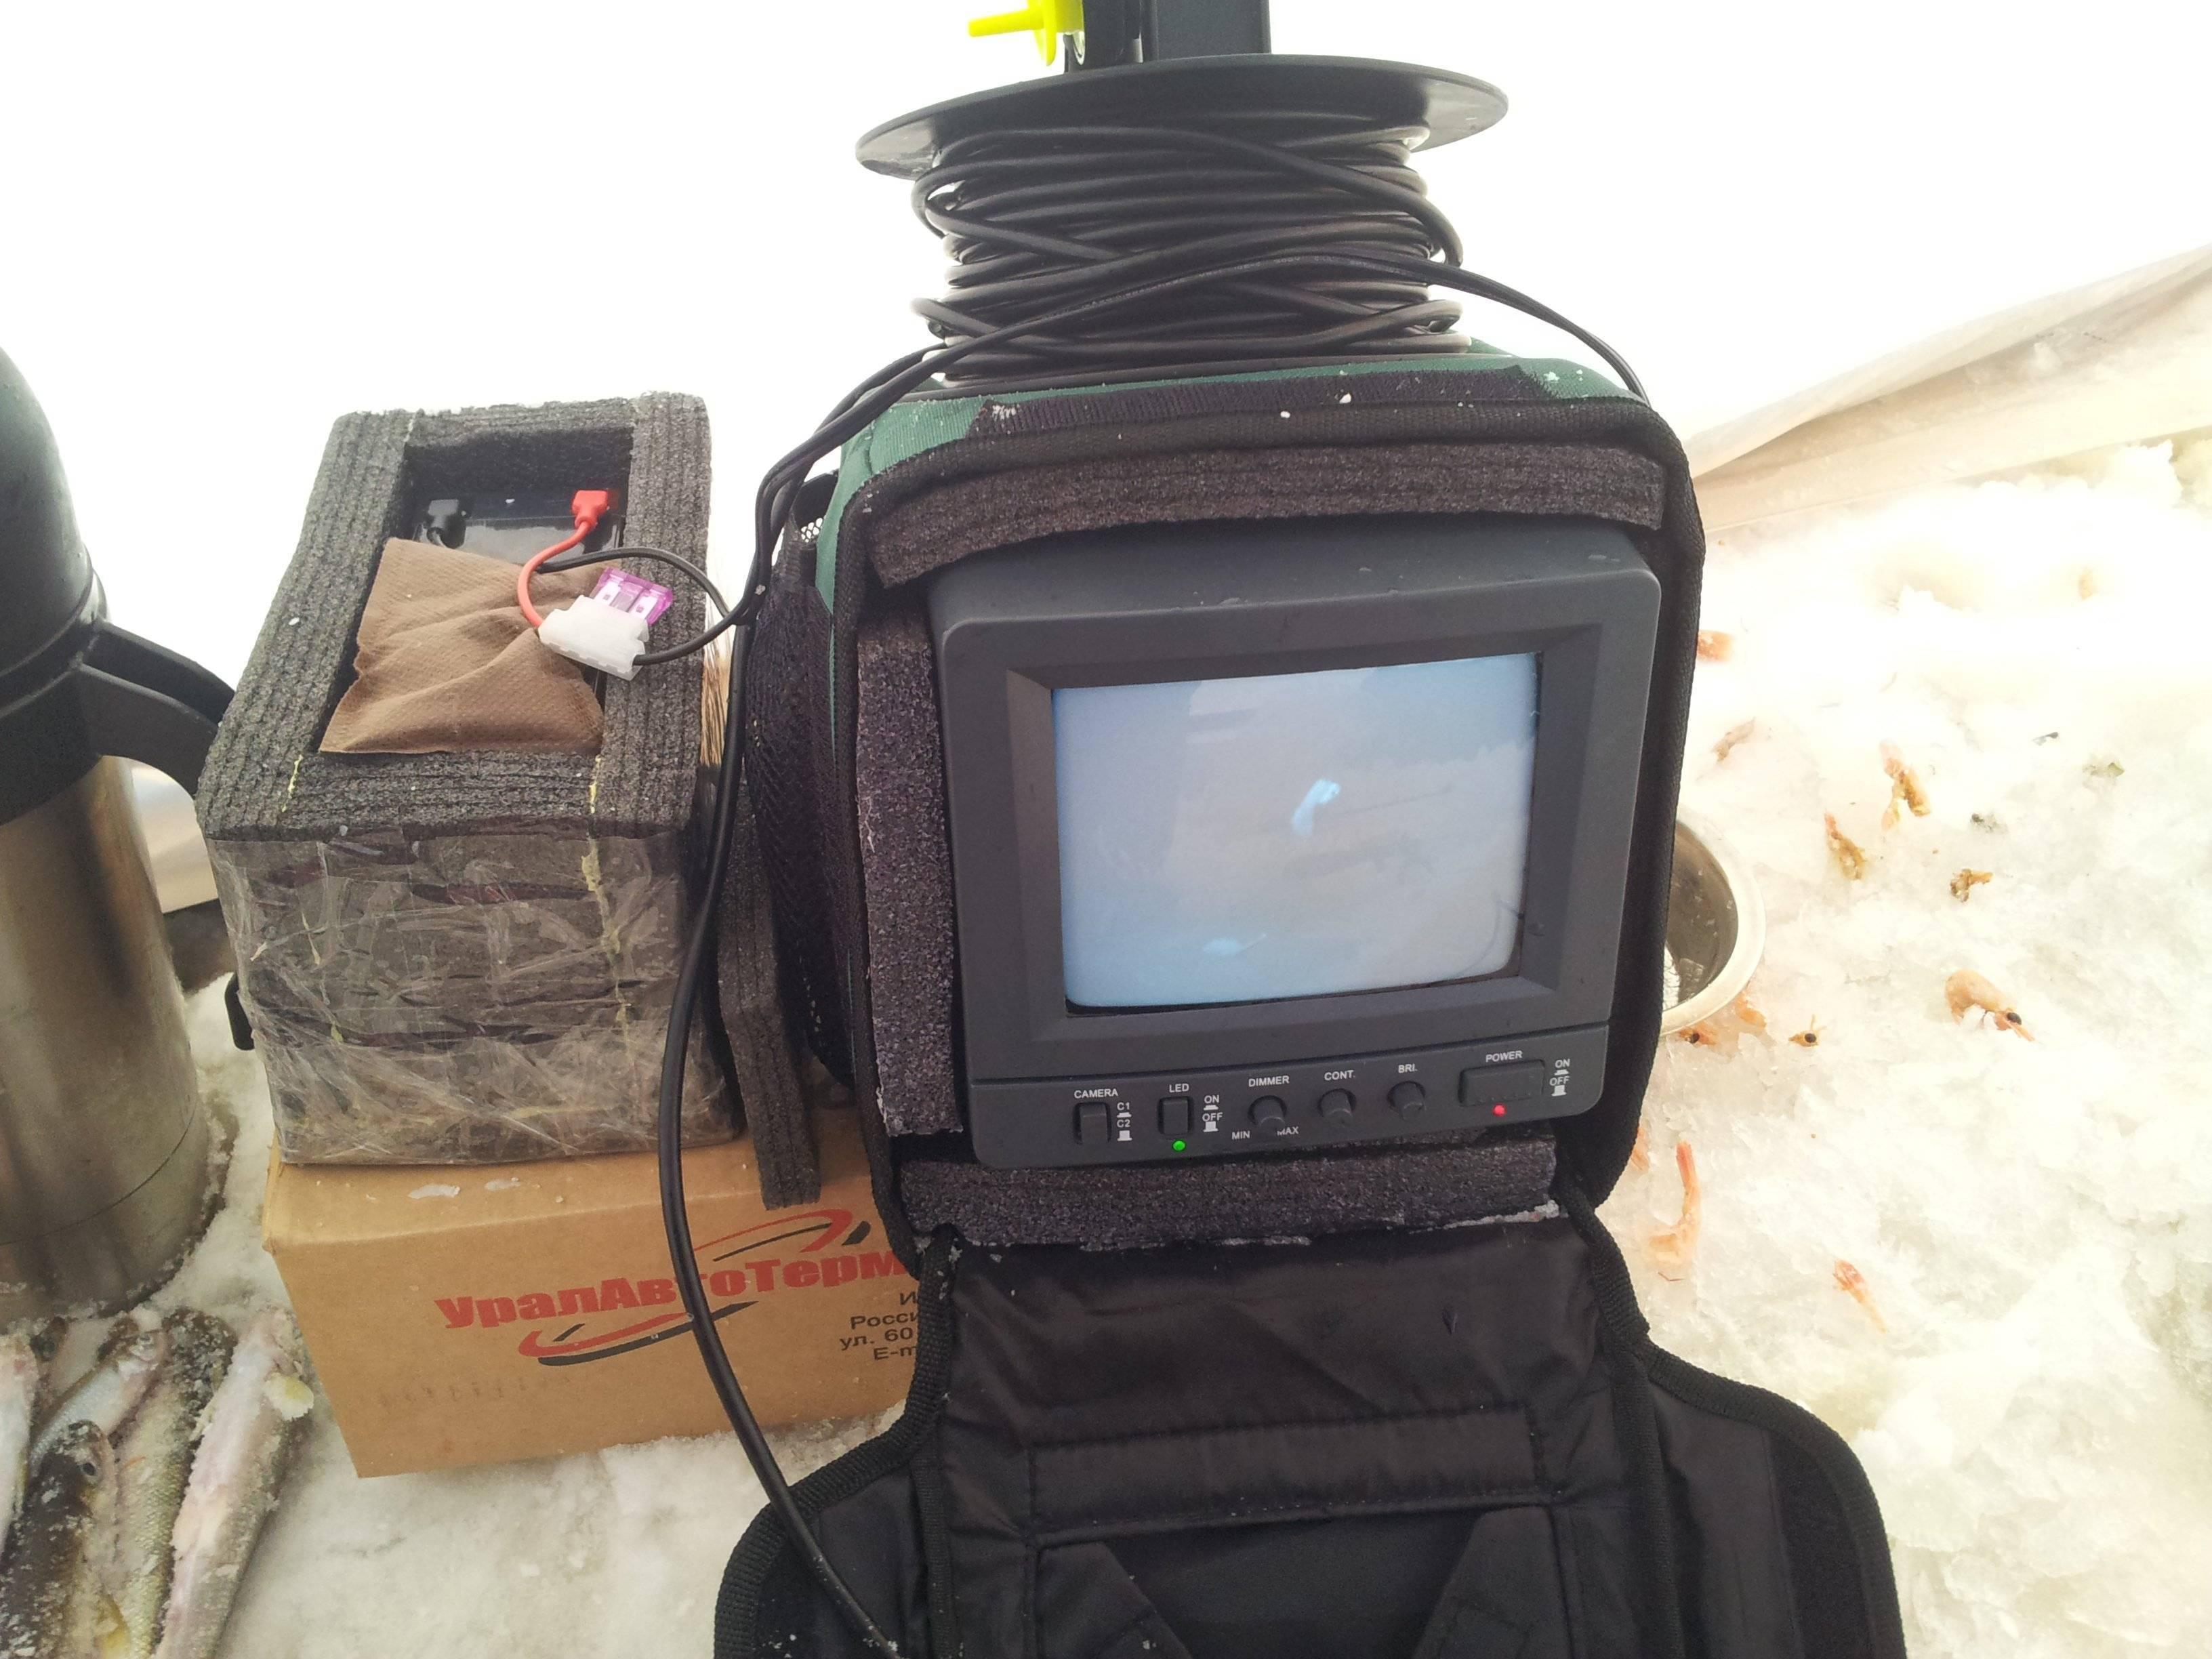 Подводная камера для зимней рыбалки: использование видеокамеры, обзор моделей с ценами, отзывы рыболовов